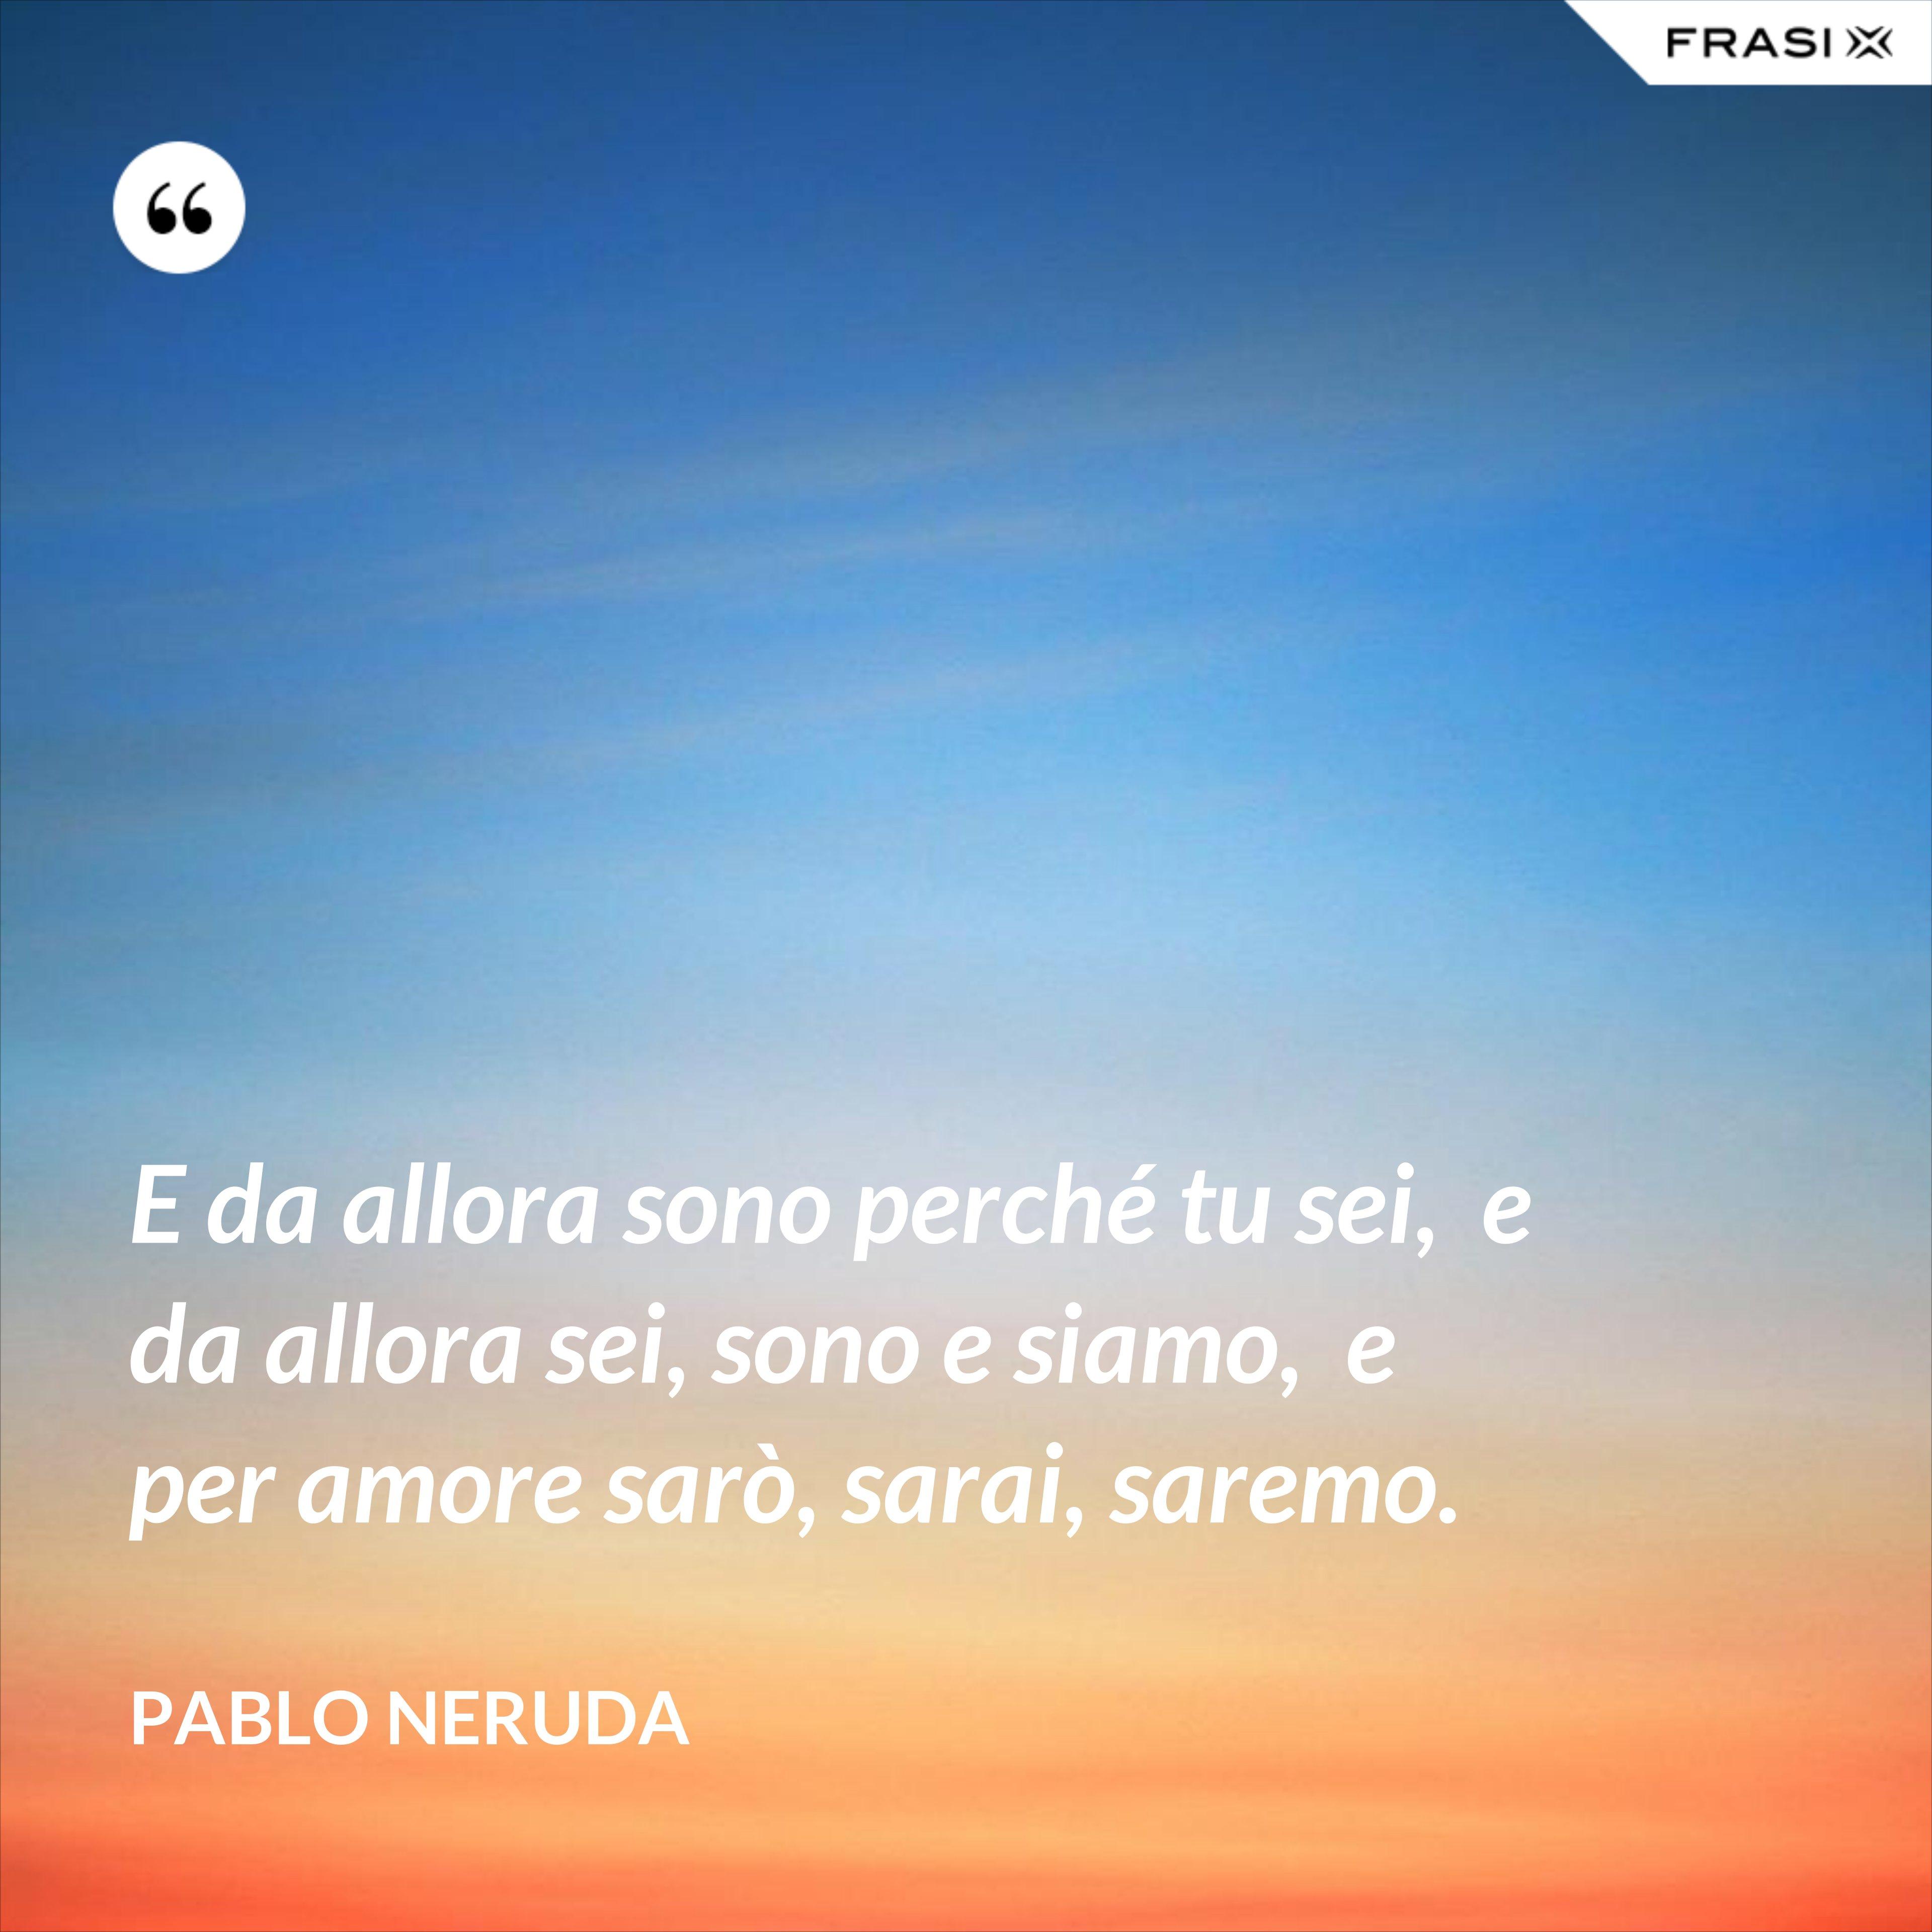 E da allora sono perché tu sei,  e da allora sei, sono e siamo,  e per amore sarò, sarai, saremo. - Pablo Neruda